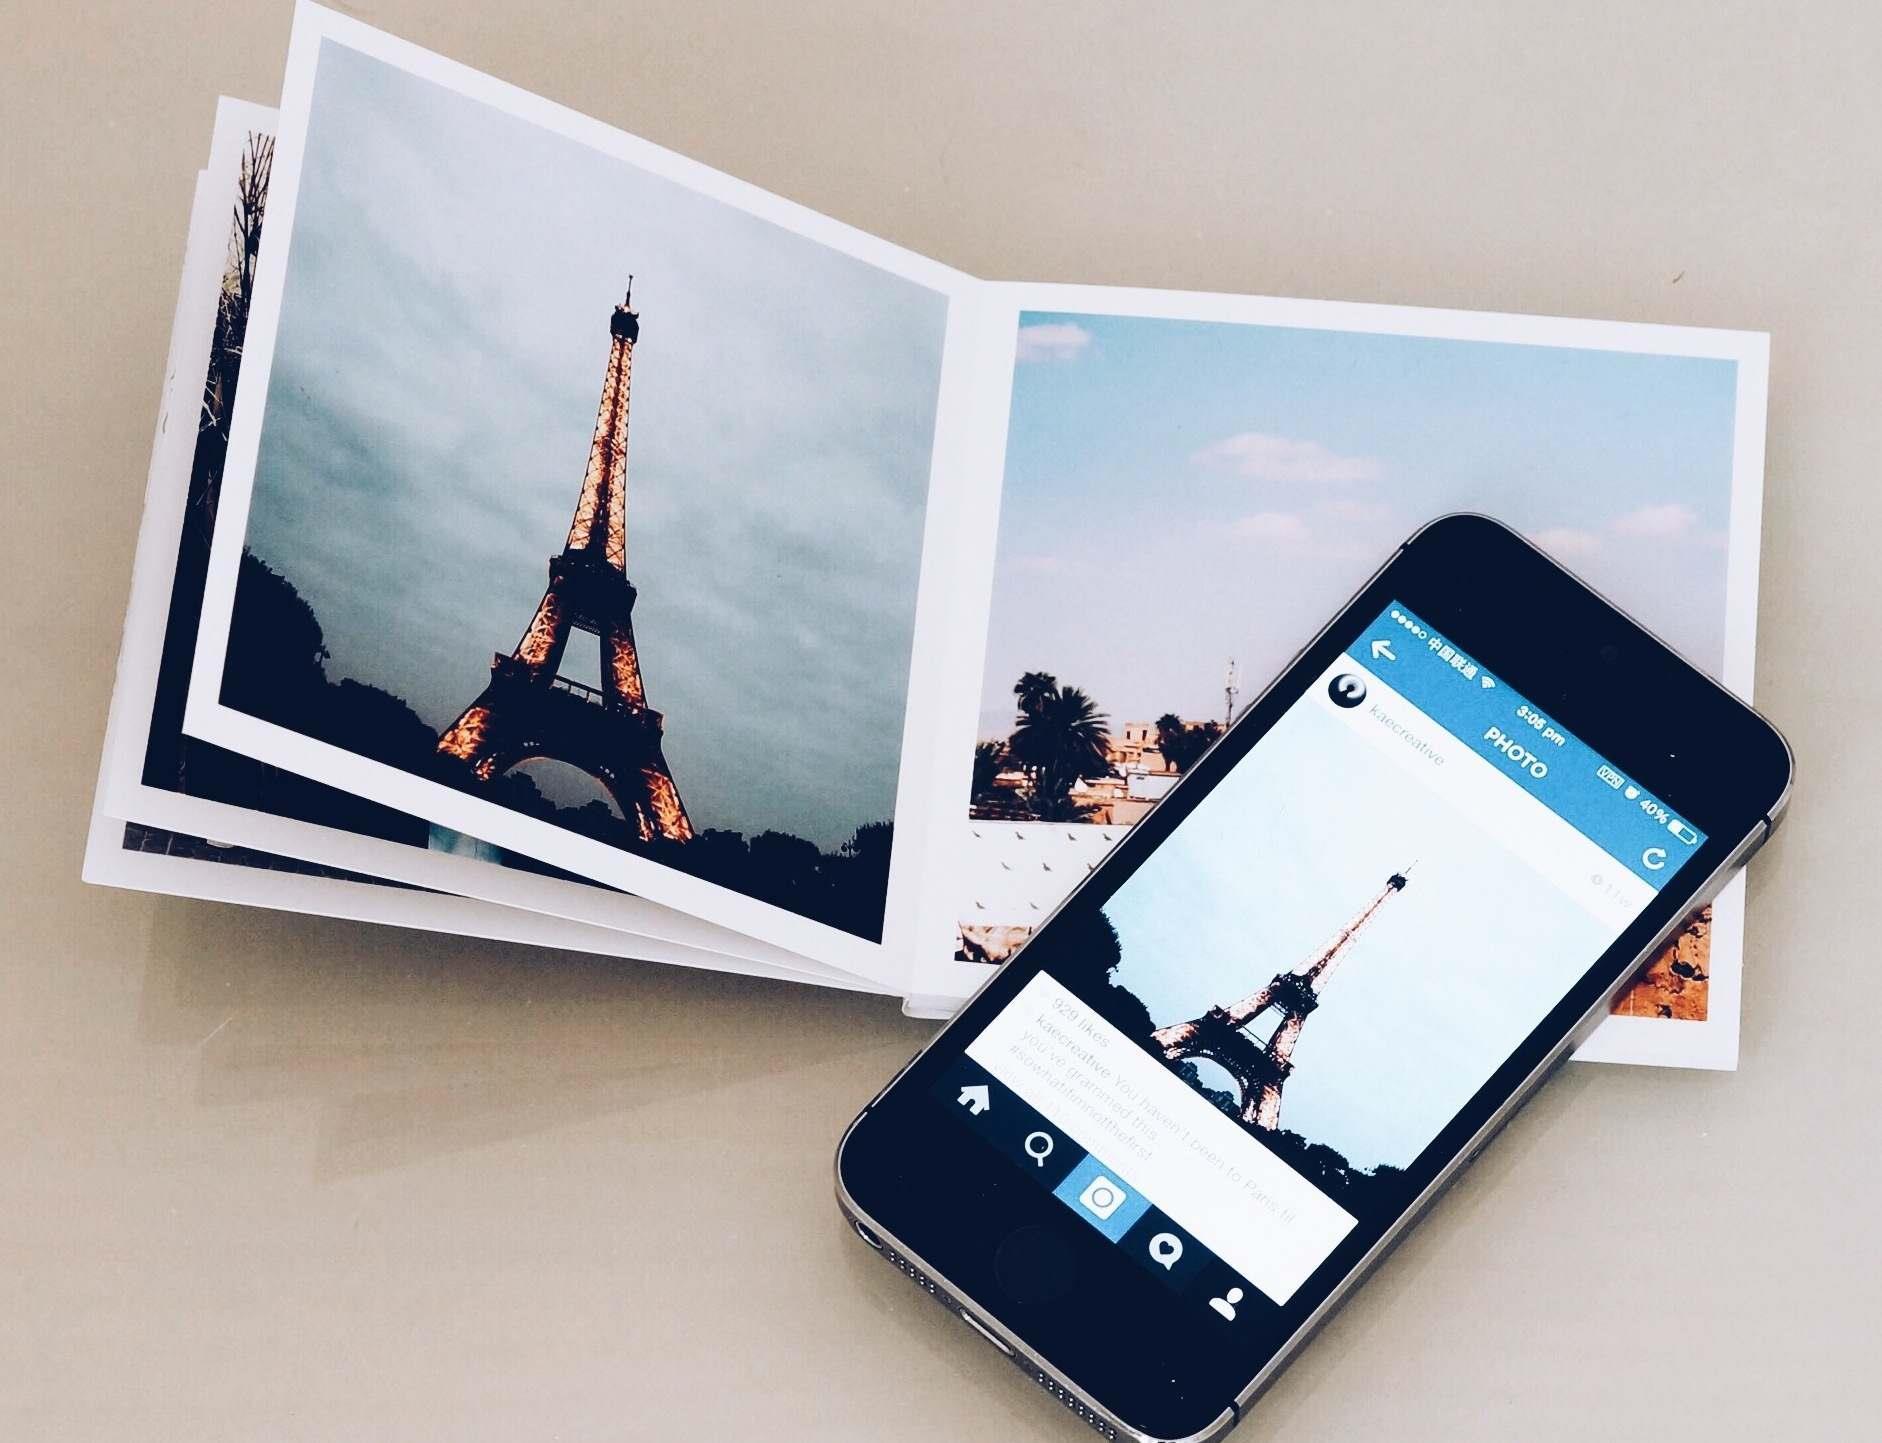 Album di foto stampate da Instagram col servizio Fastbook